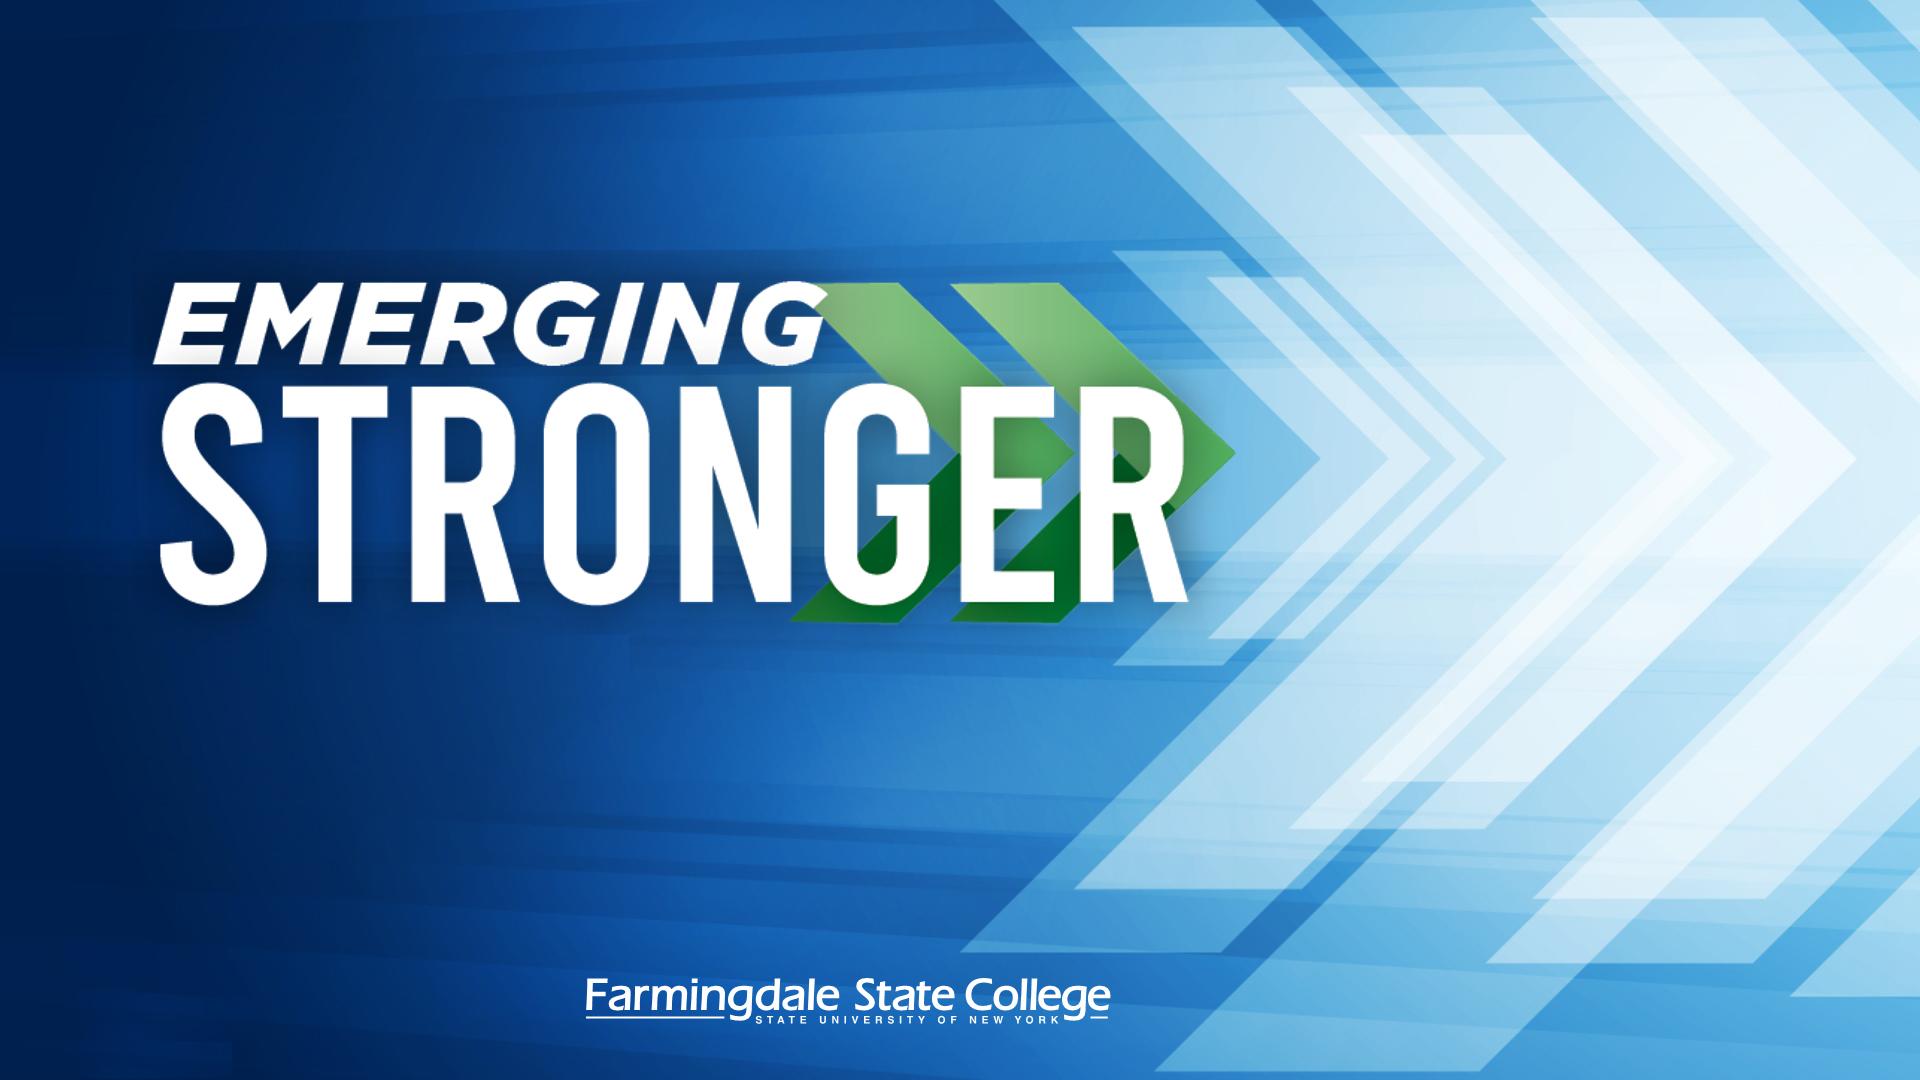 Emerging Stronger